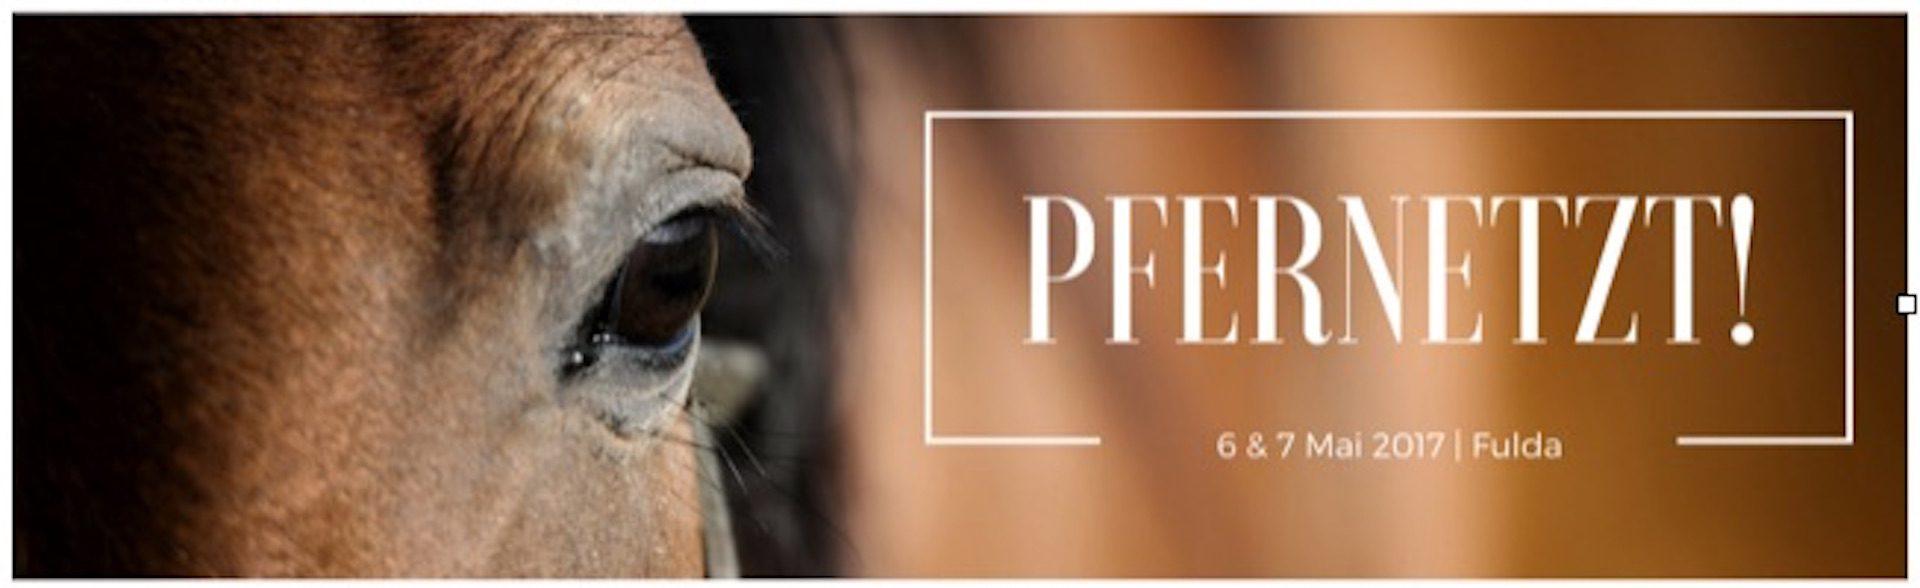 Pfernetzt – das Event für Pferdemenschen